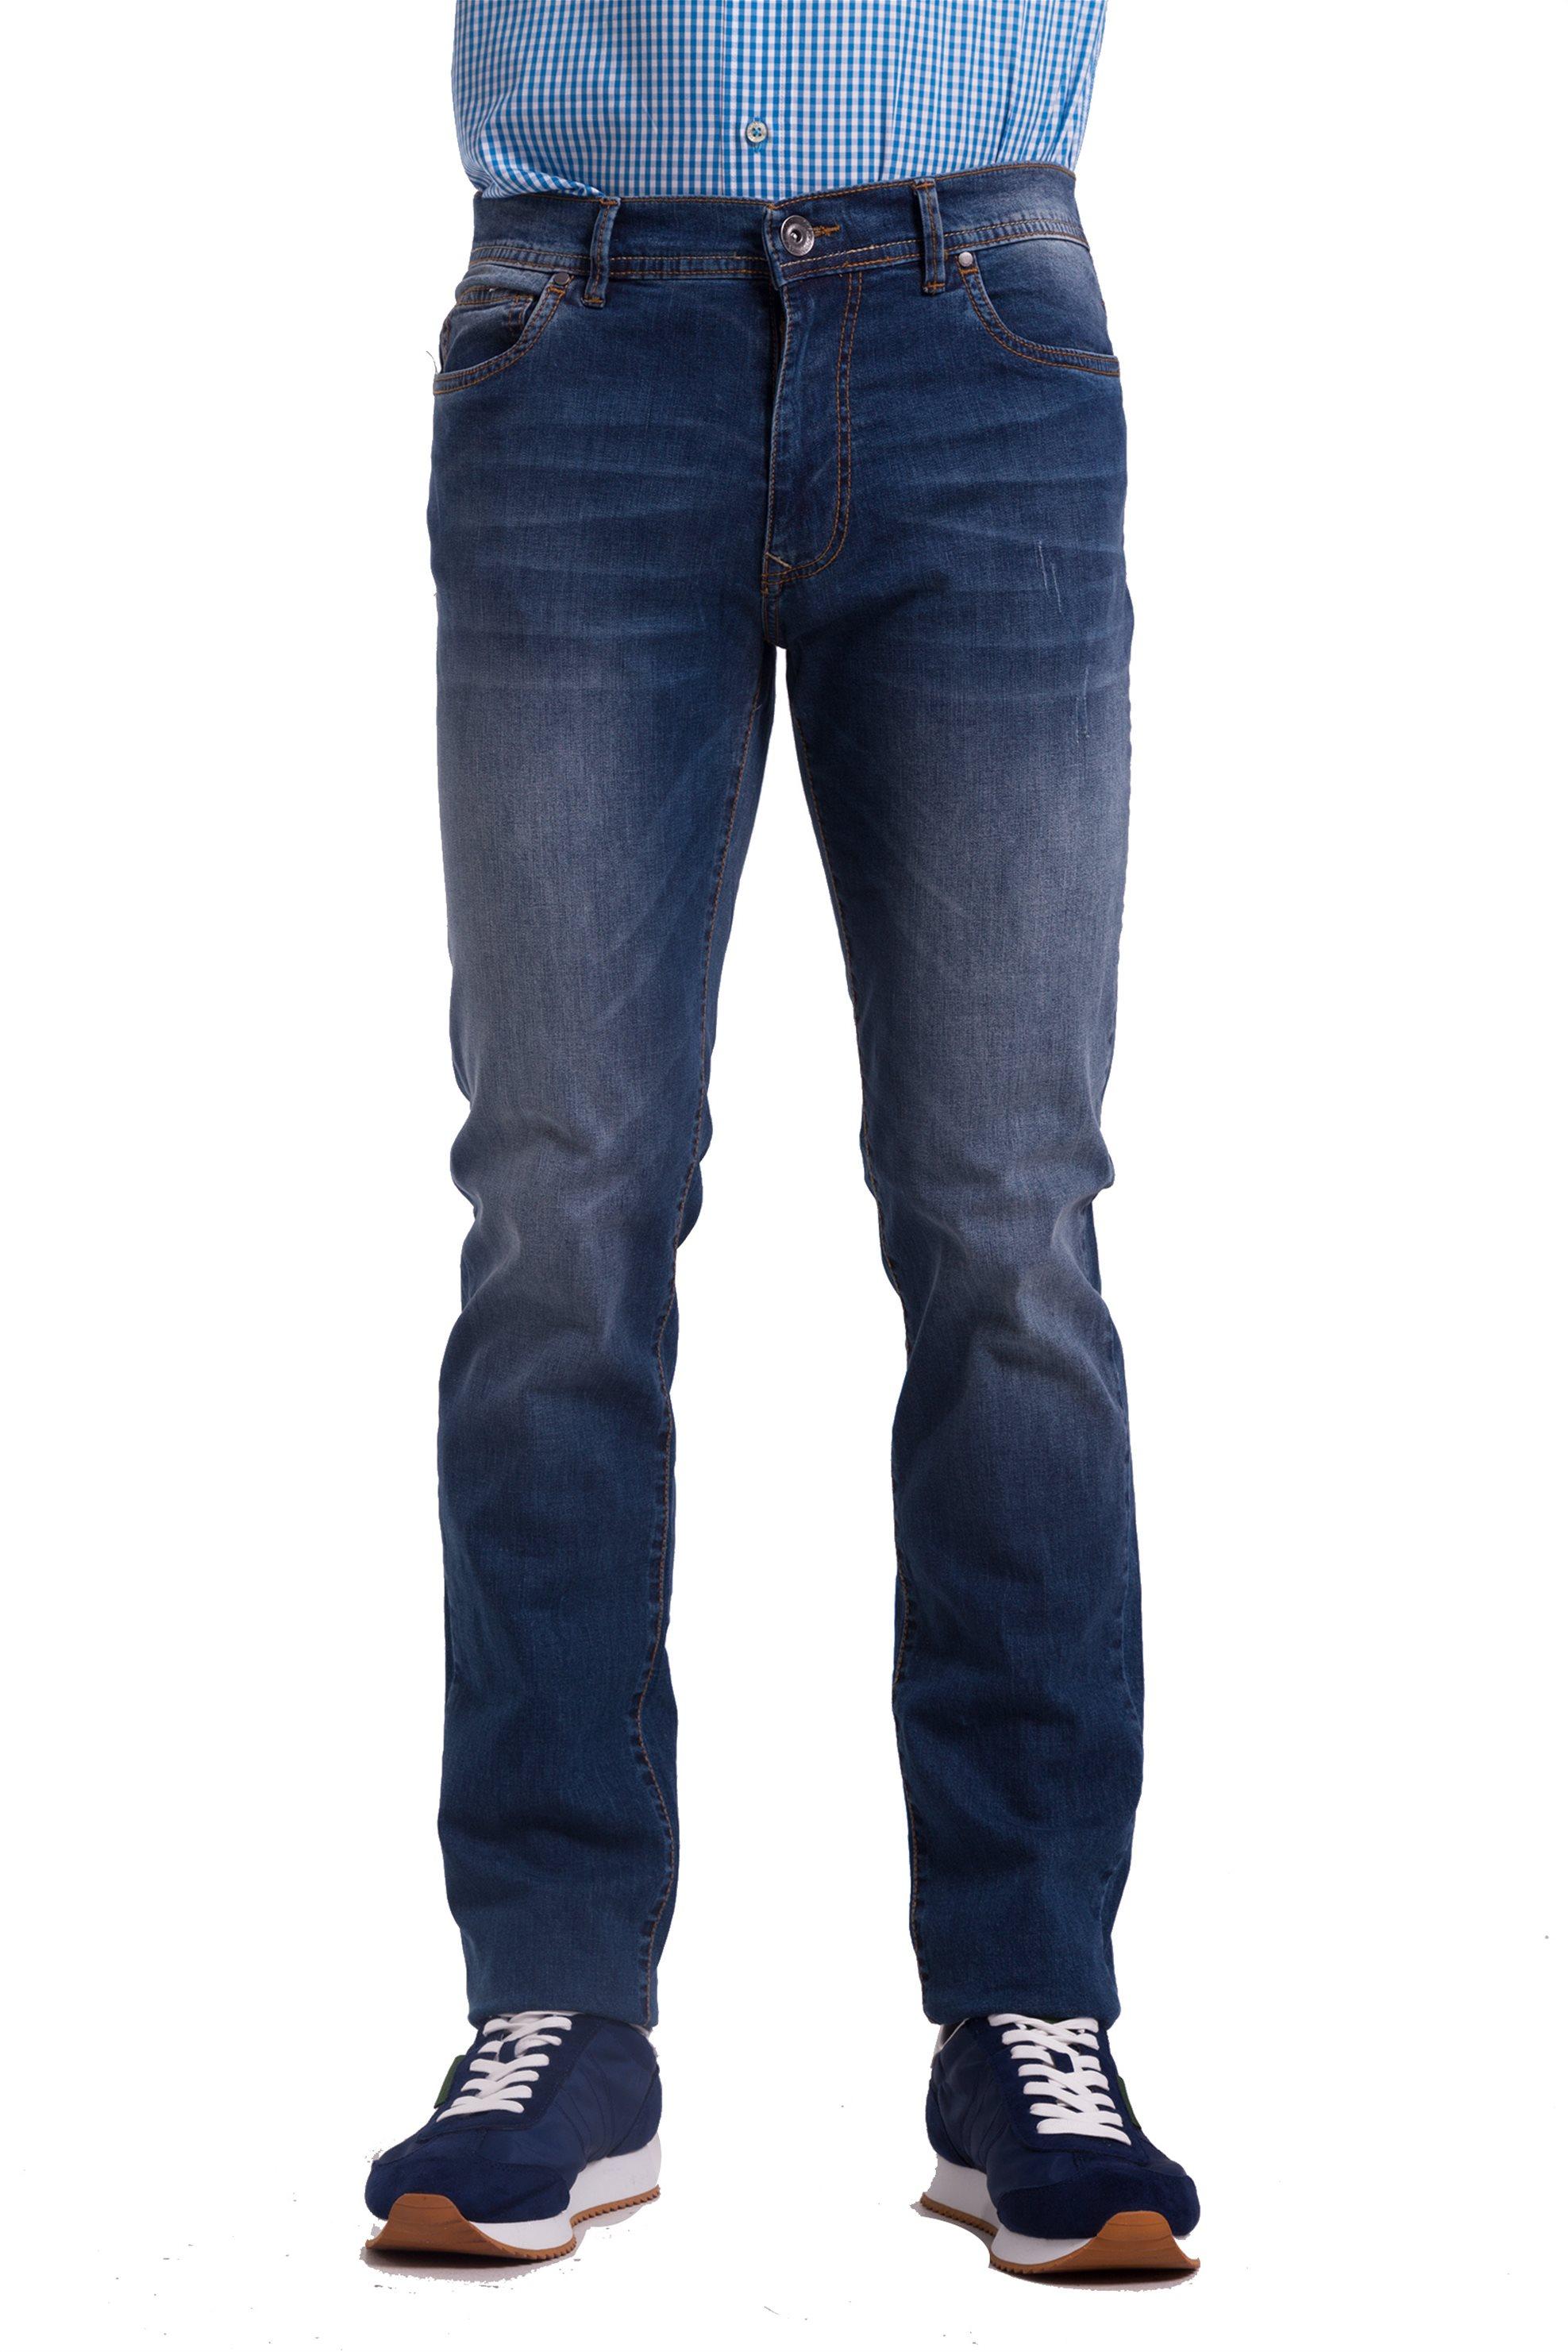 Ανδρικό παντελόνι τζην The Bostonians - CJ1138373 - Μπλε ανδρασ   ρουχα   jeans   straight